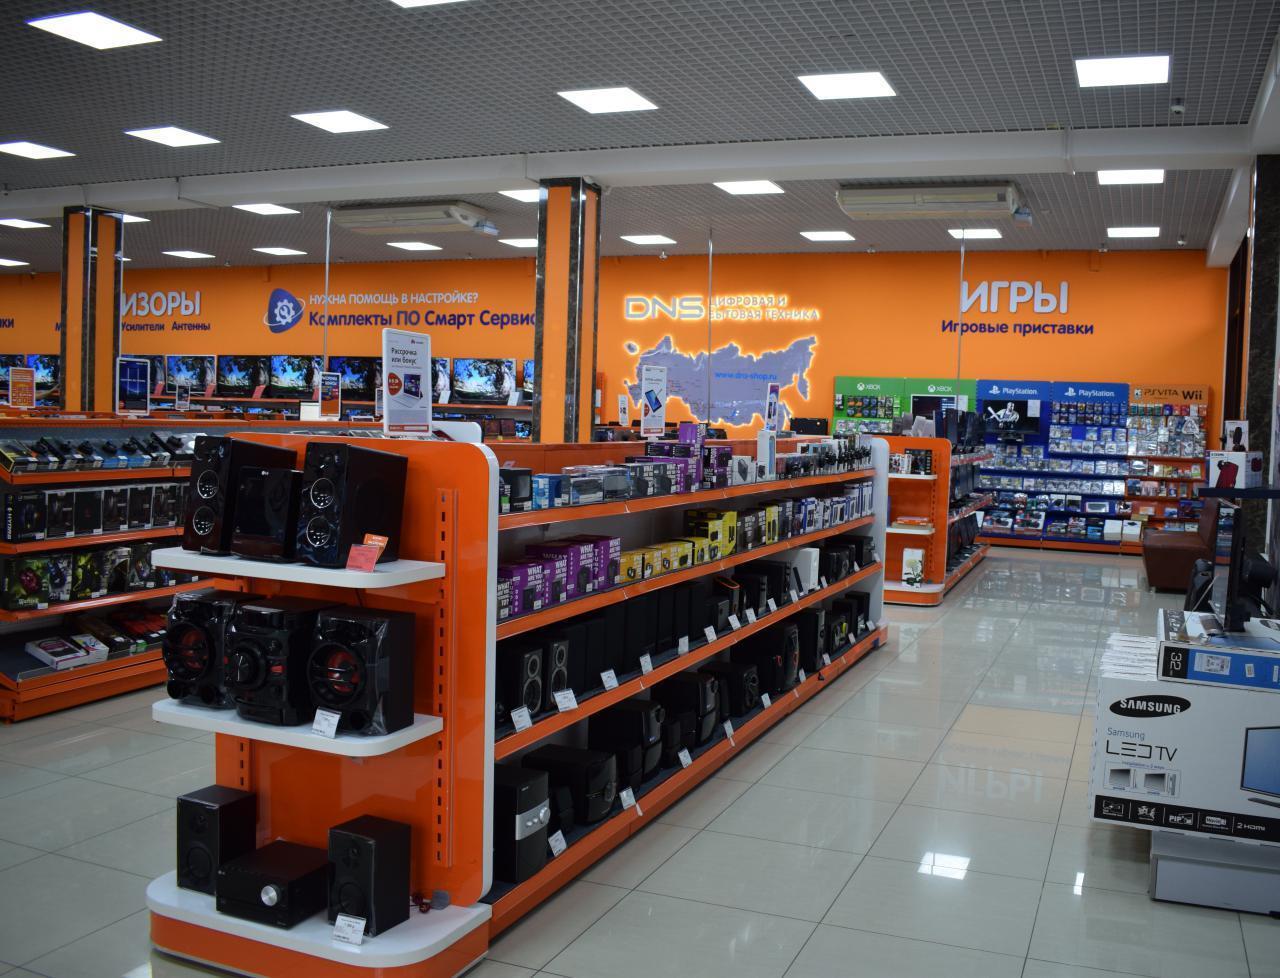 Армавир магазин dns На Советской Армии адрес телефон часы  Фотографии магазина